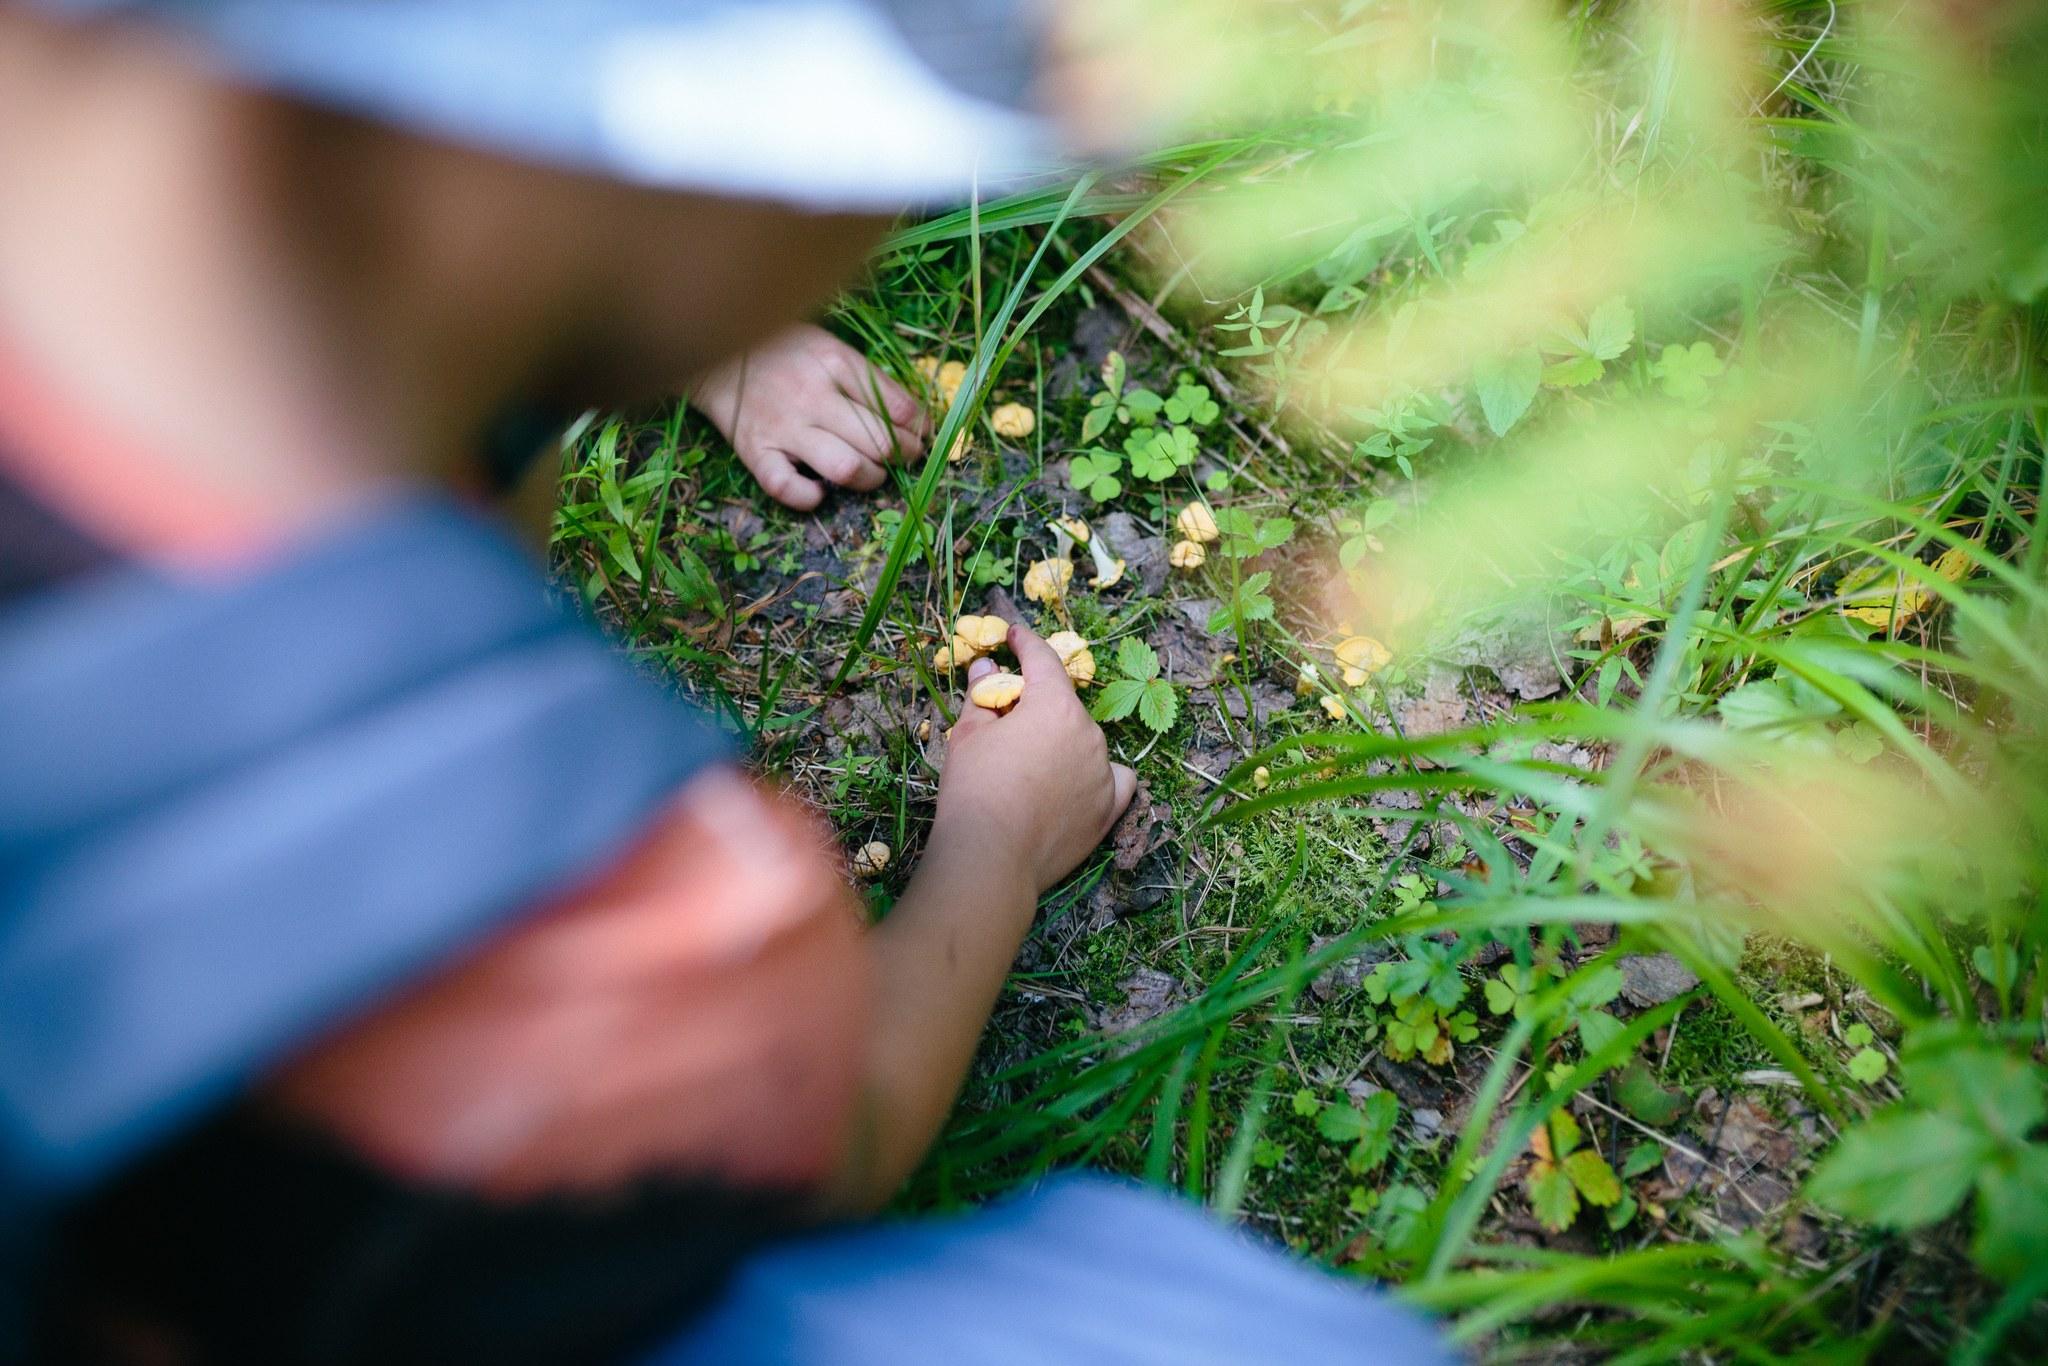 Kaksi kättä, keräävät sieniä, pieniä keltaisia kanttarelleja.